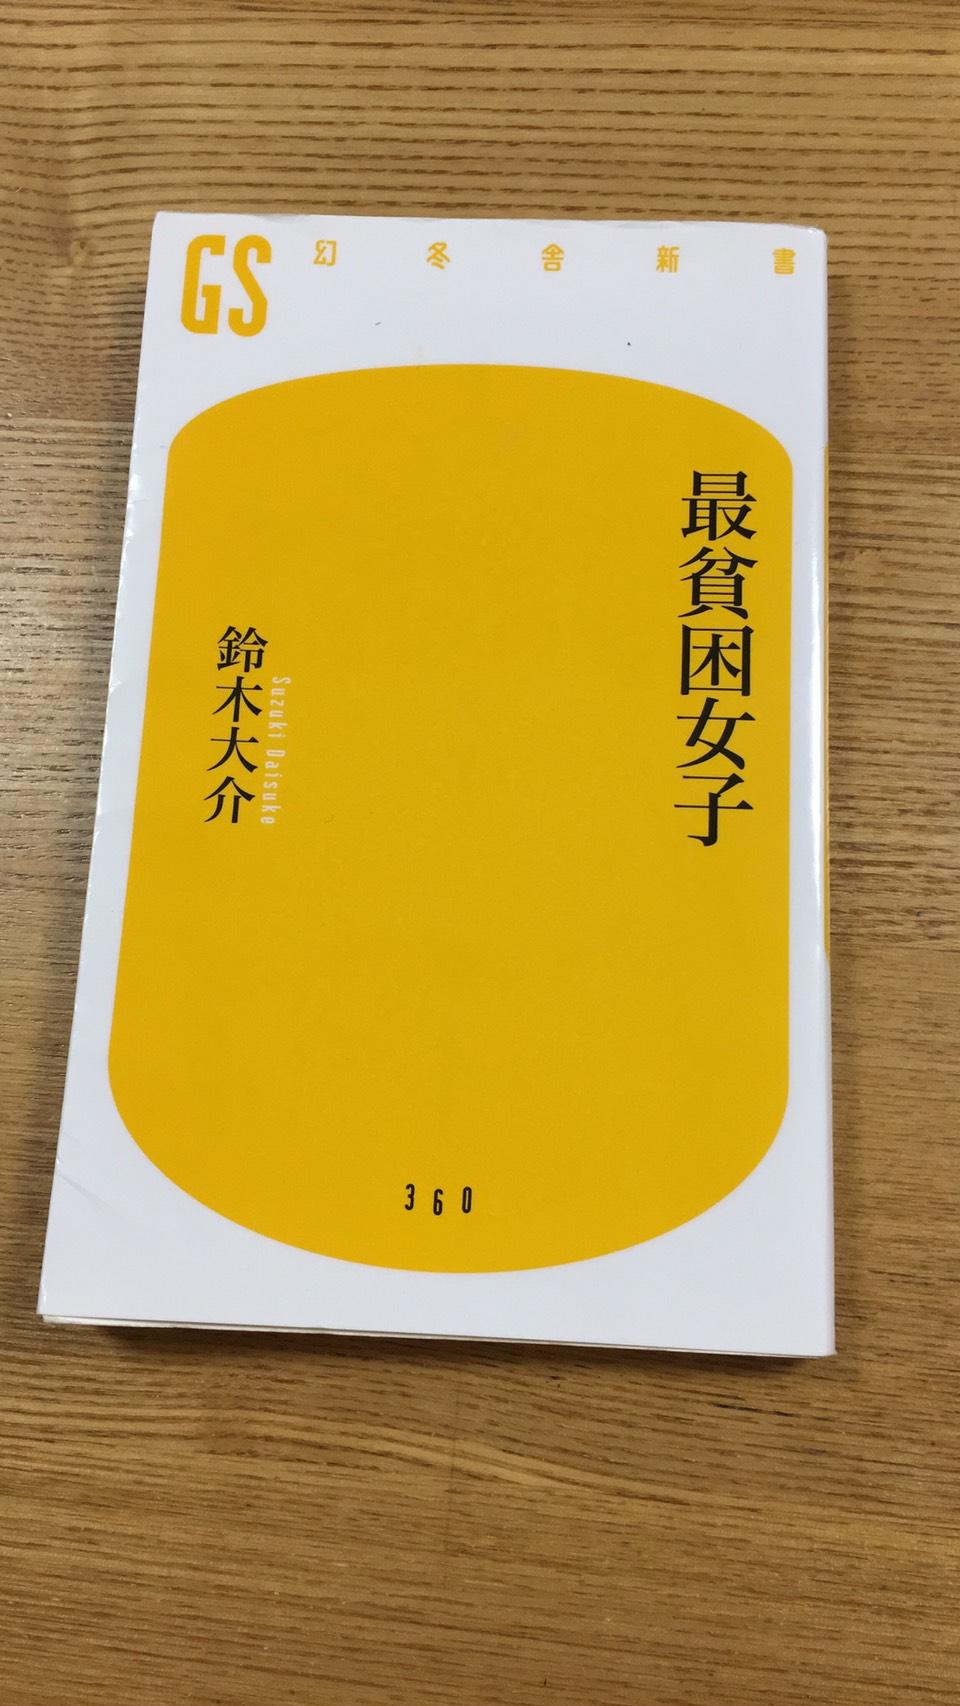 【最貧困女子】鈴木大介